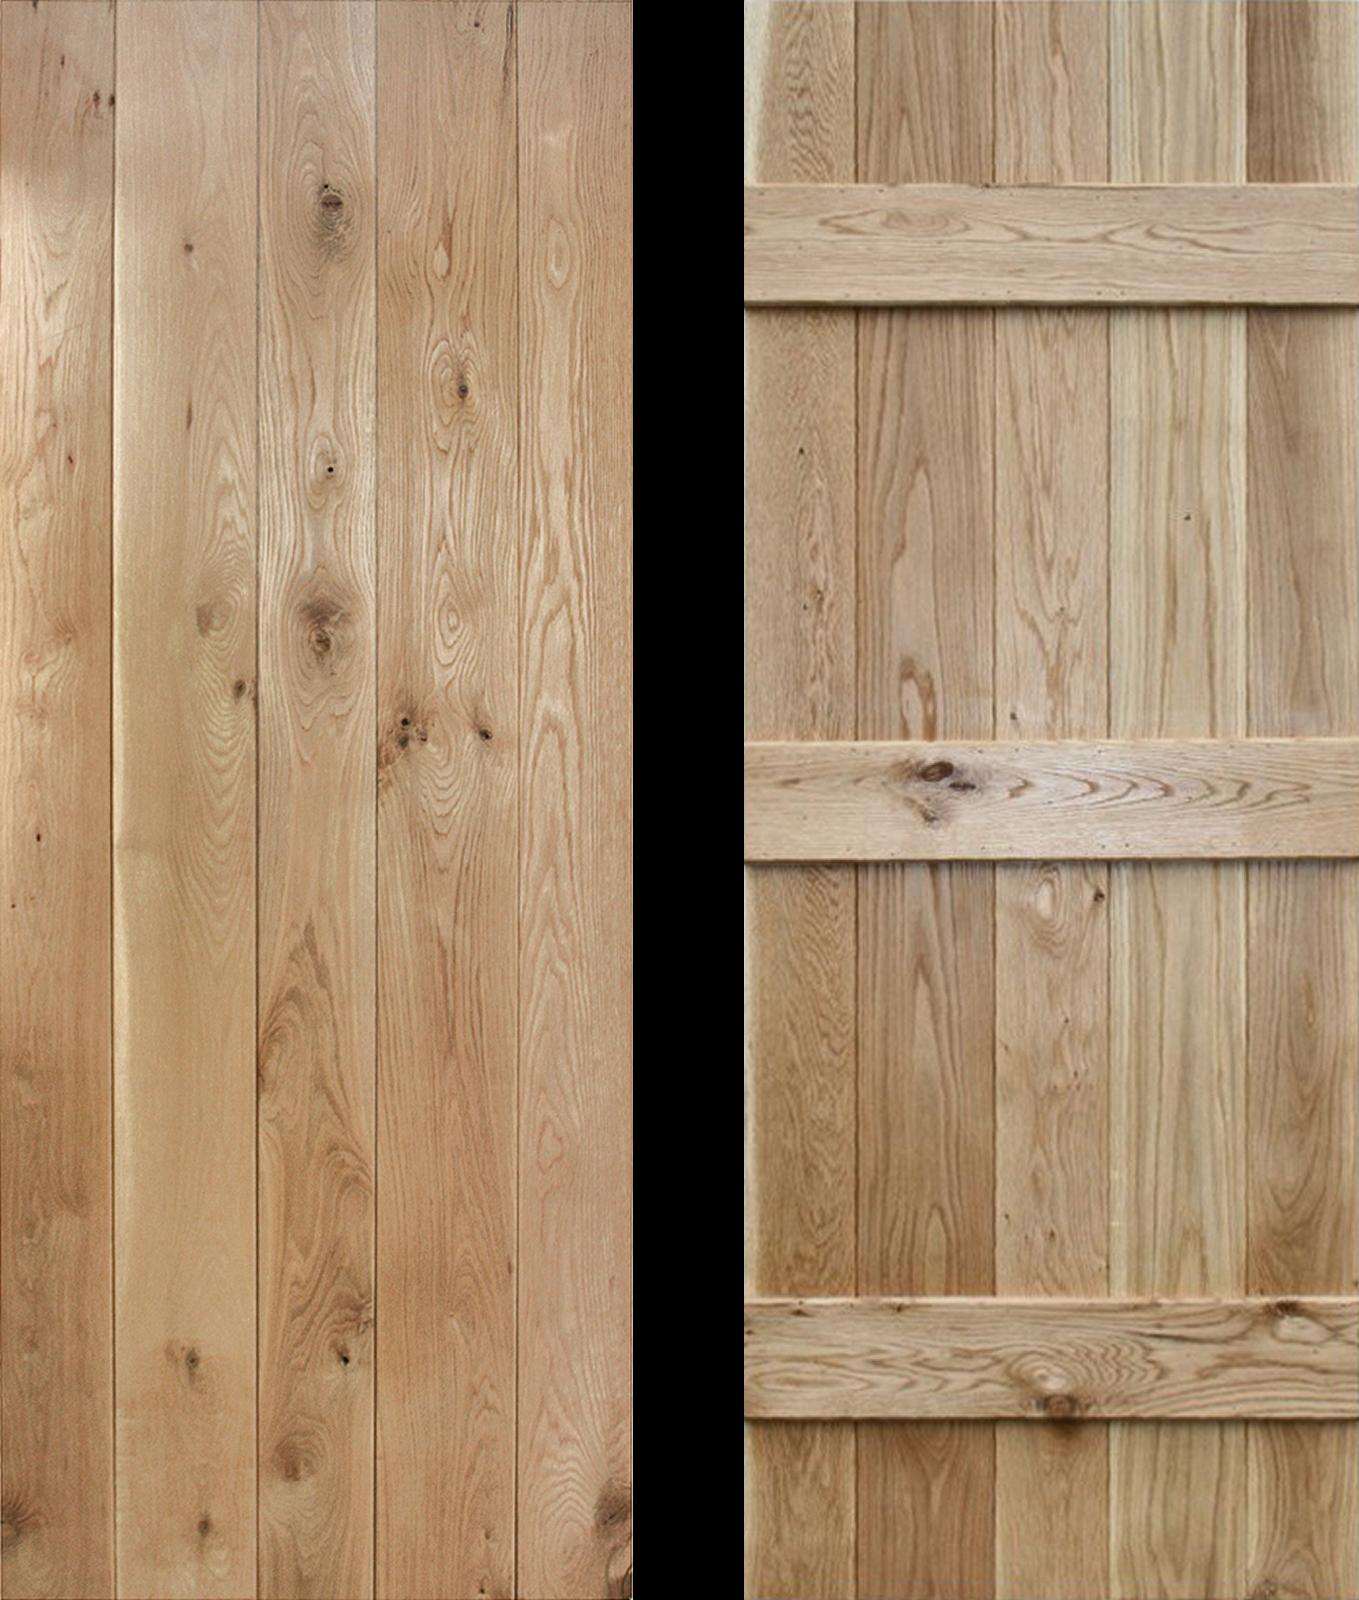 Mobile Home Cottage Door: 24 X 78 Ledged Solid Oak Cottage Door